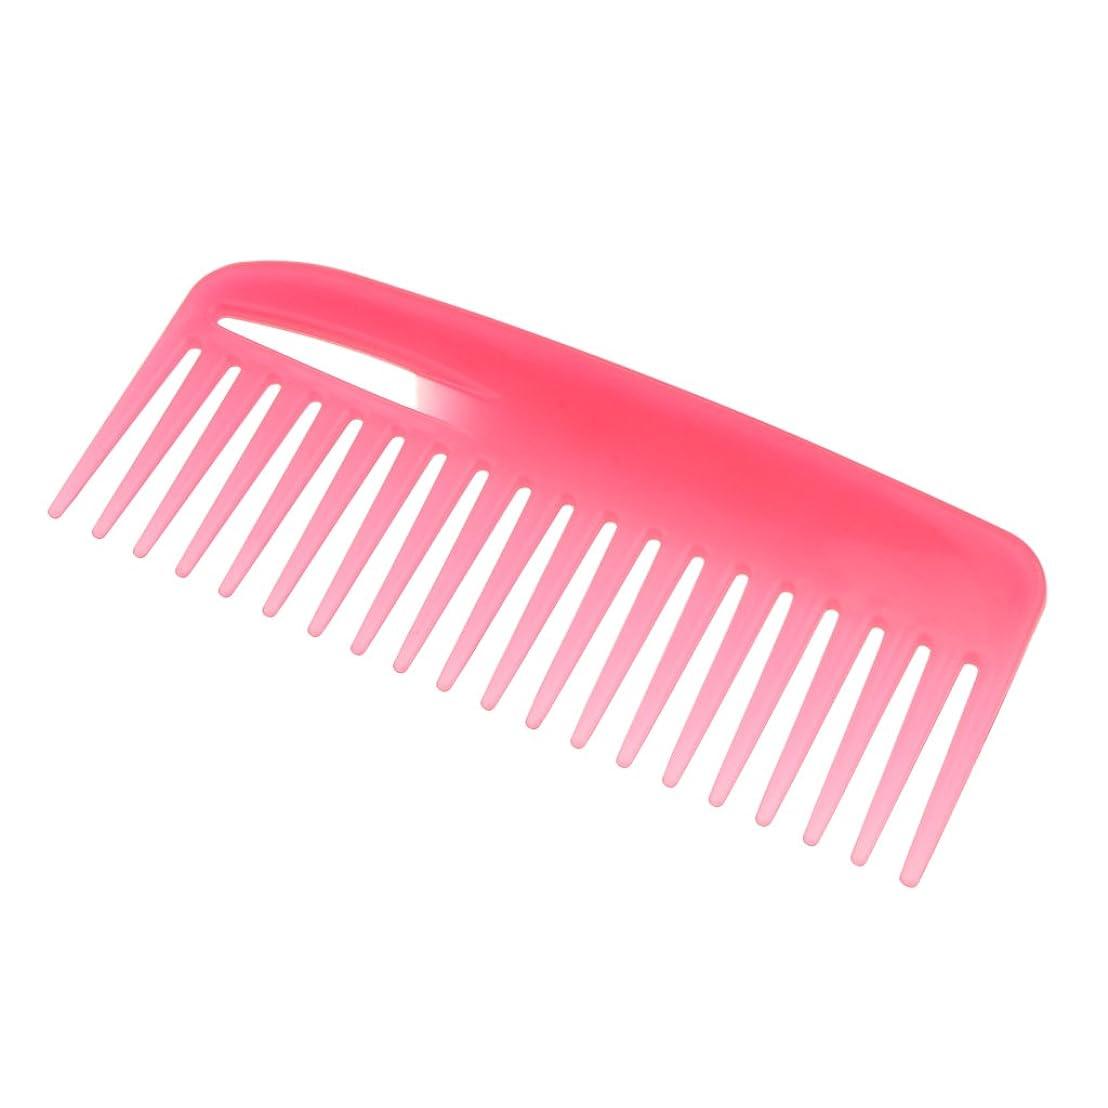 第二売り手雑種ヘアケア ブラシ ワイド歯 櫛 プロ ヘアブラシ ヘアサロン 便利 全3色 - ピンク